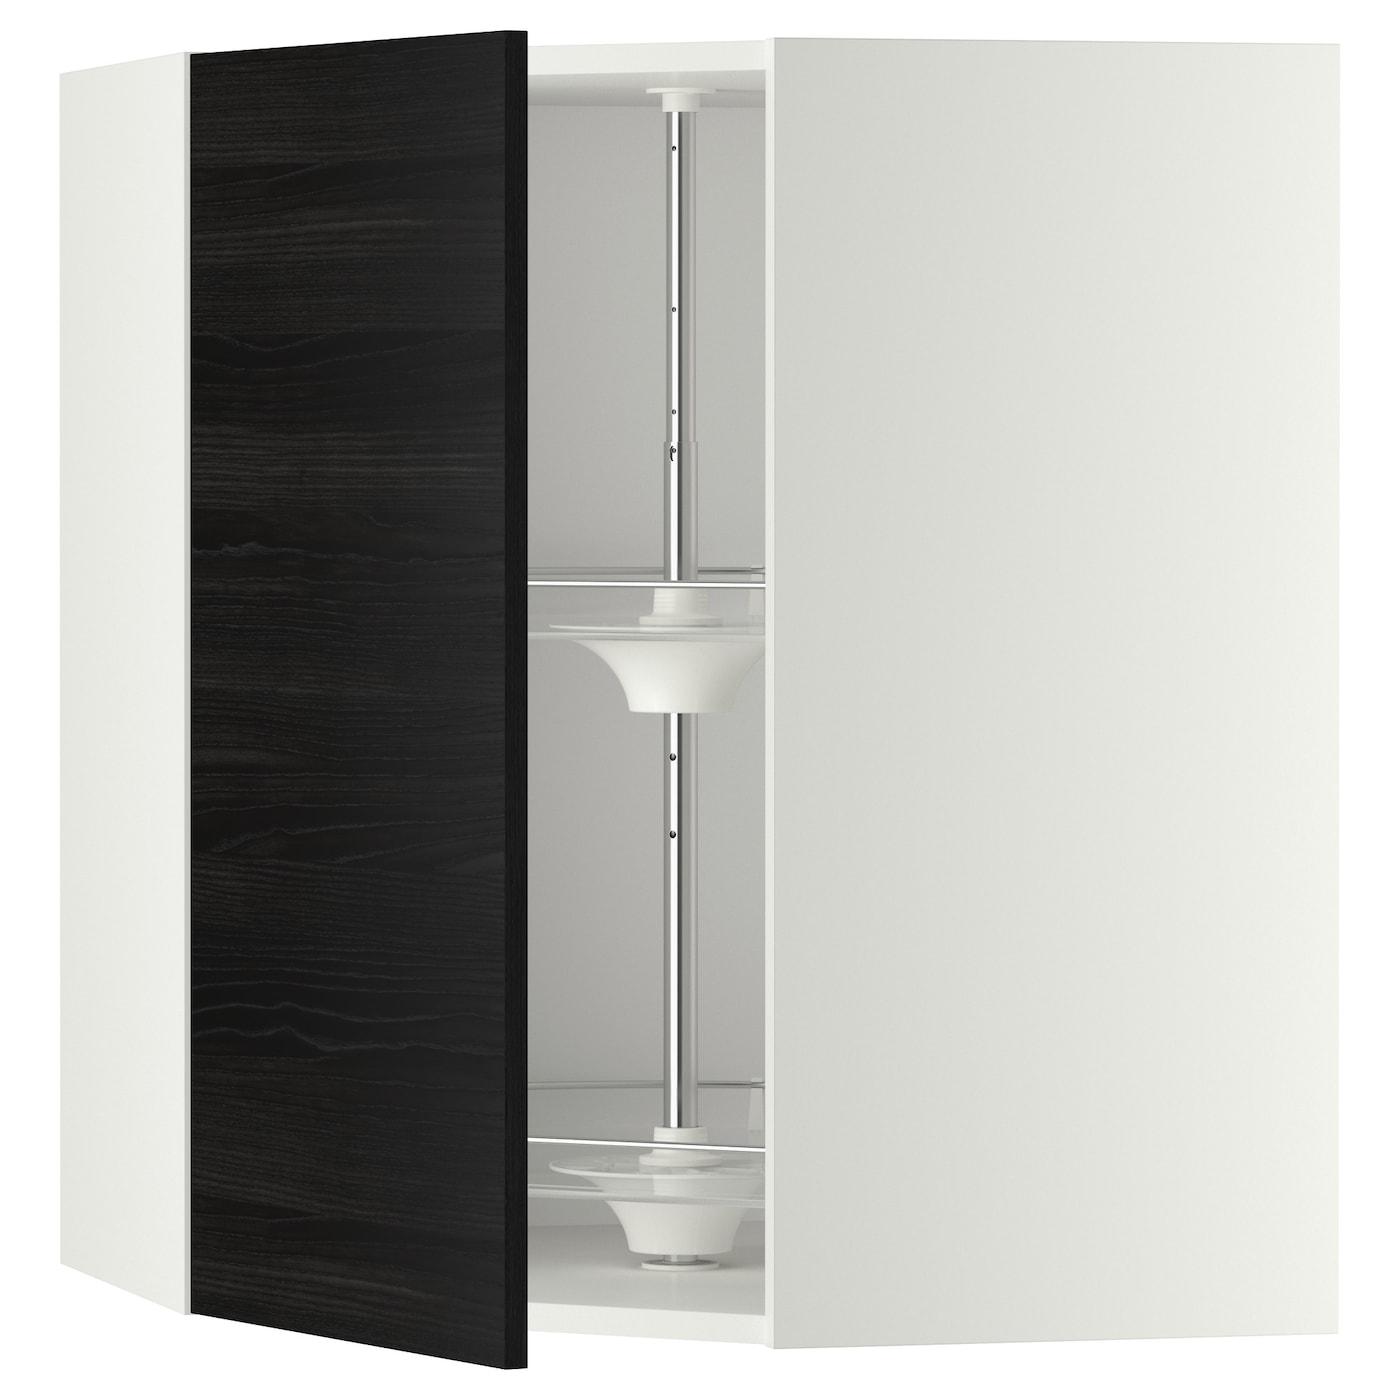 METOD, Wandeckschrank mit Karussell, weiß, schwarz 091.201.40